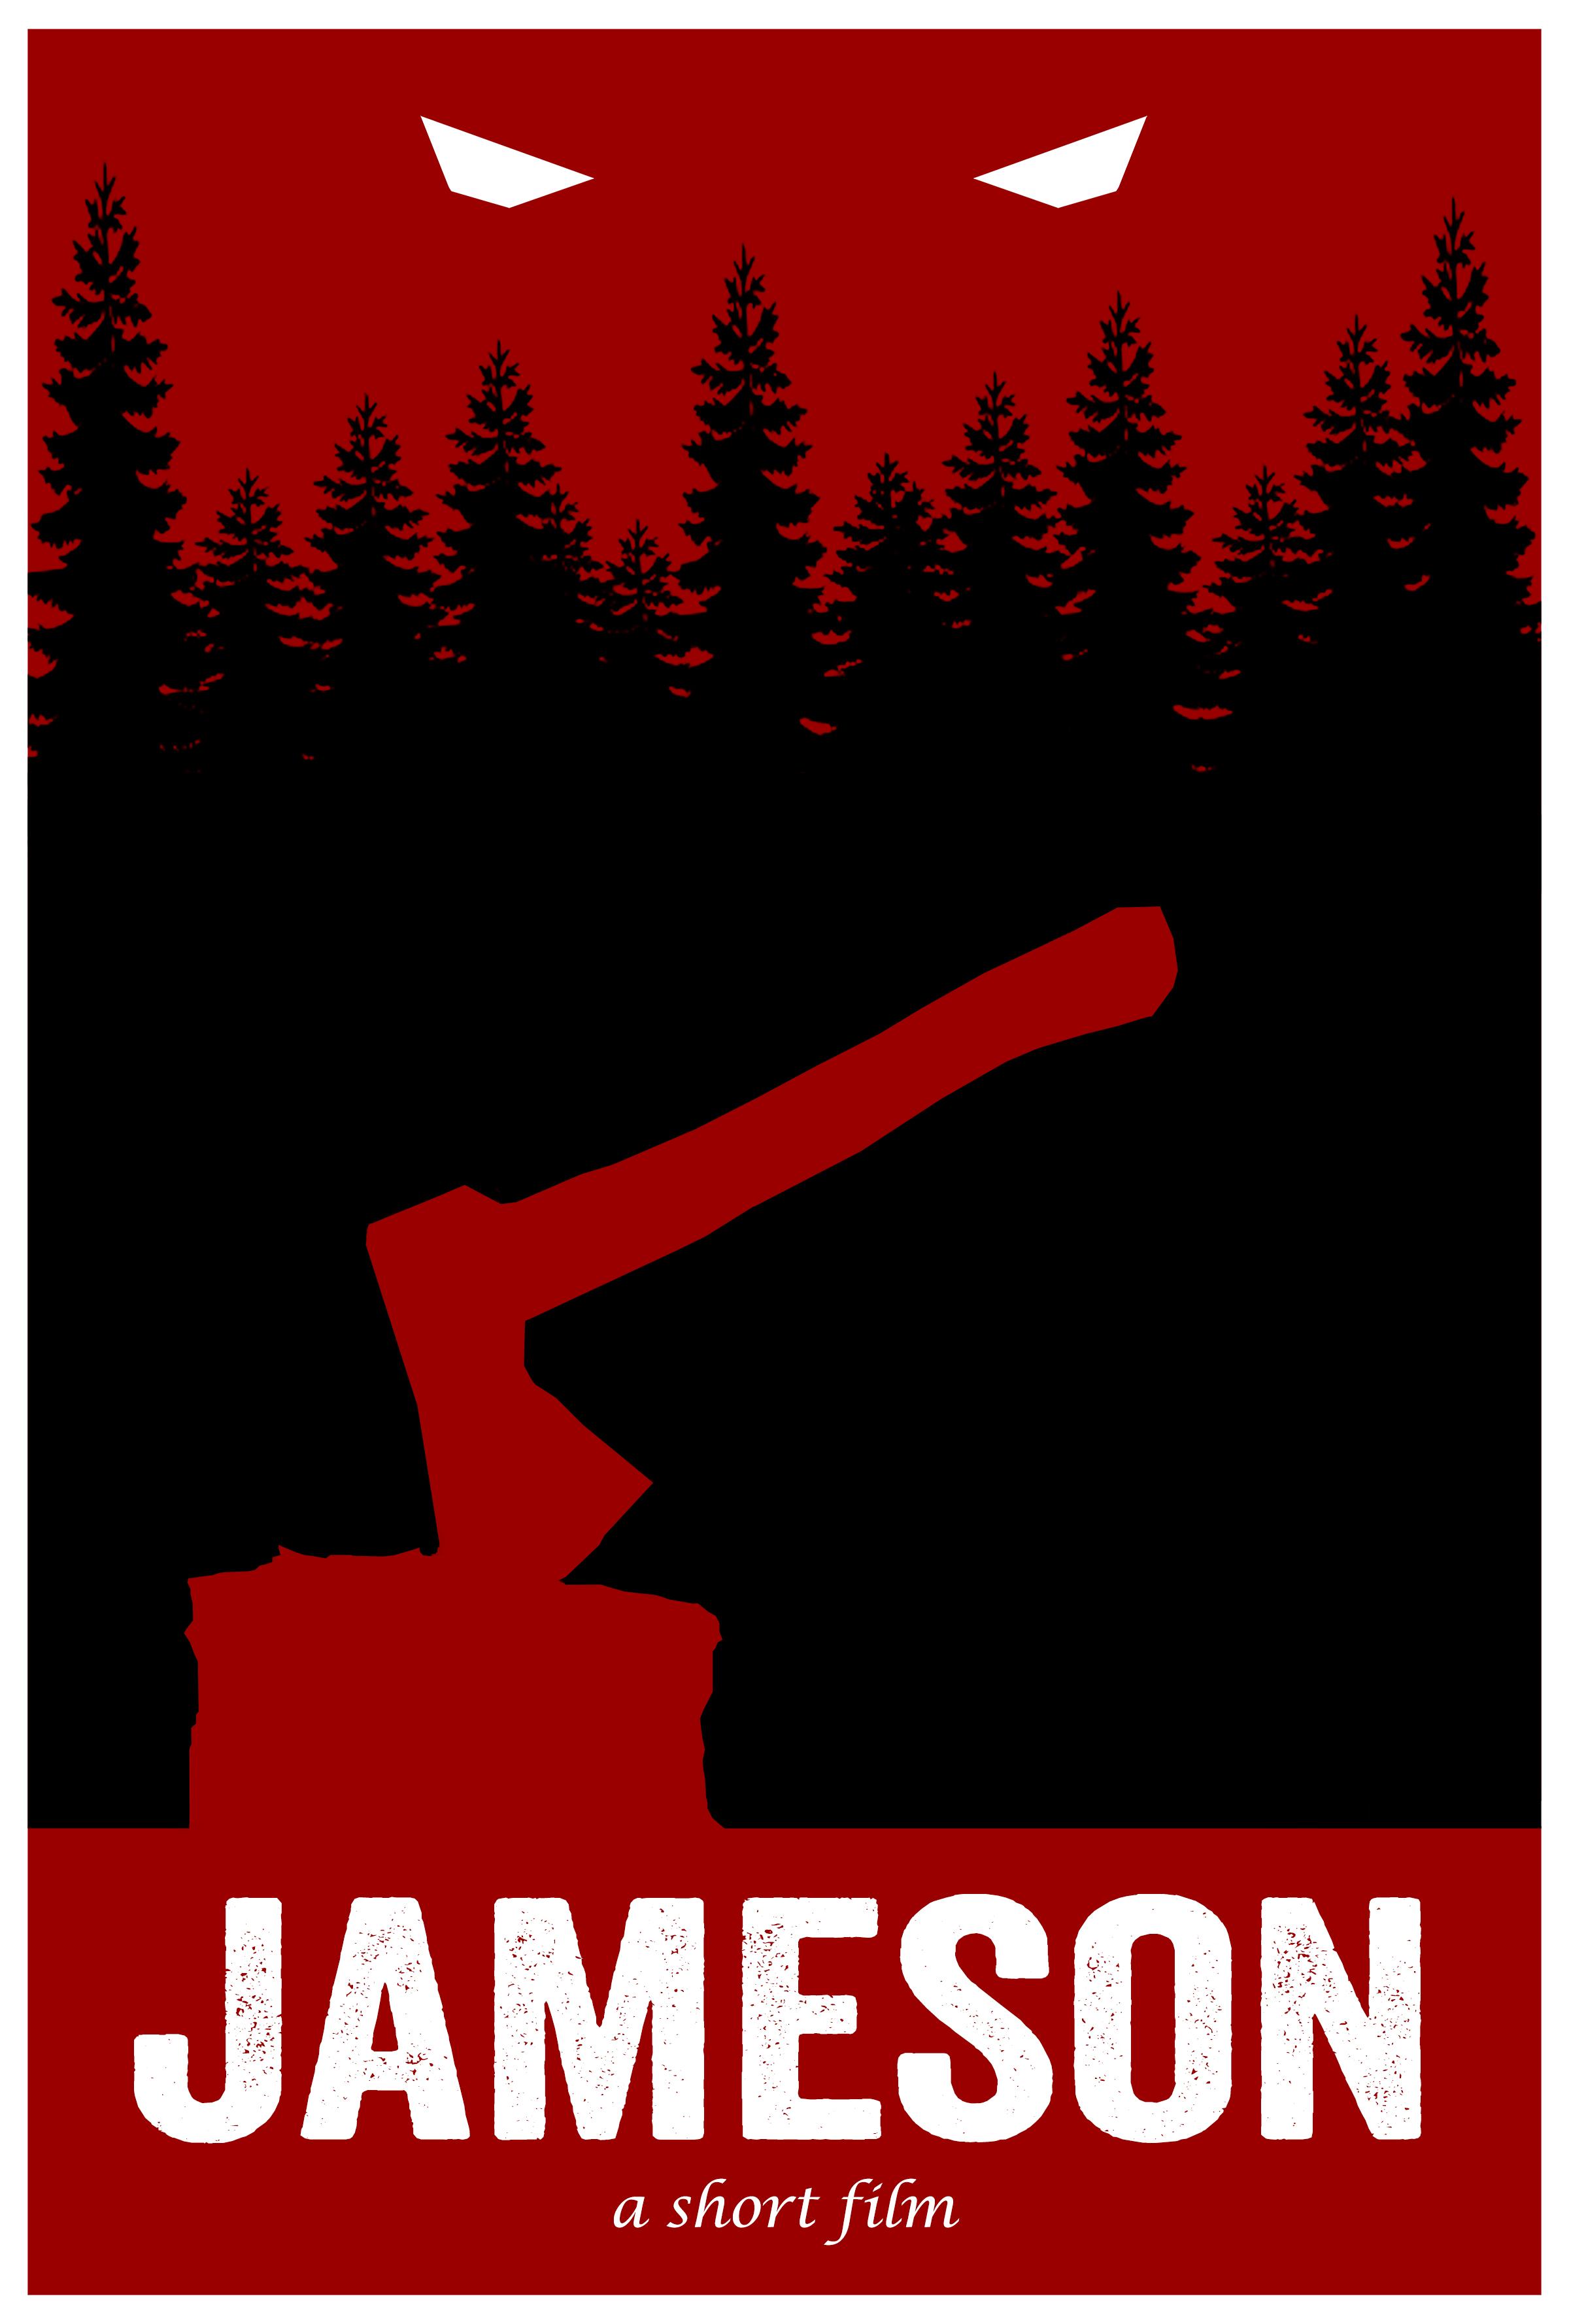 John Humber - JAMESON_poster.jpg